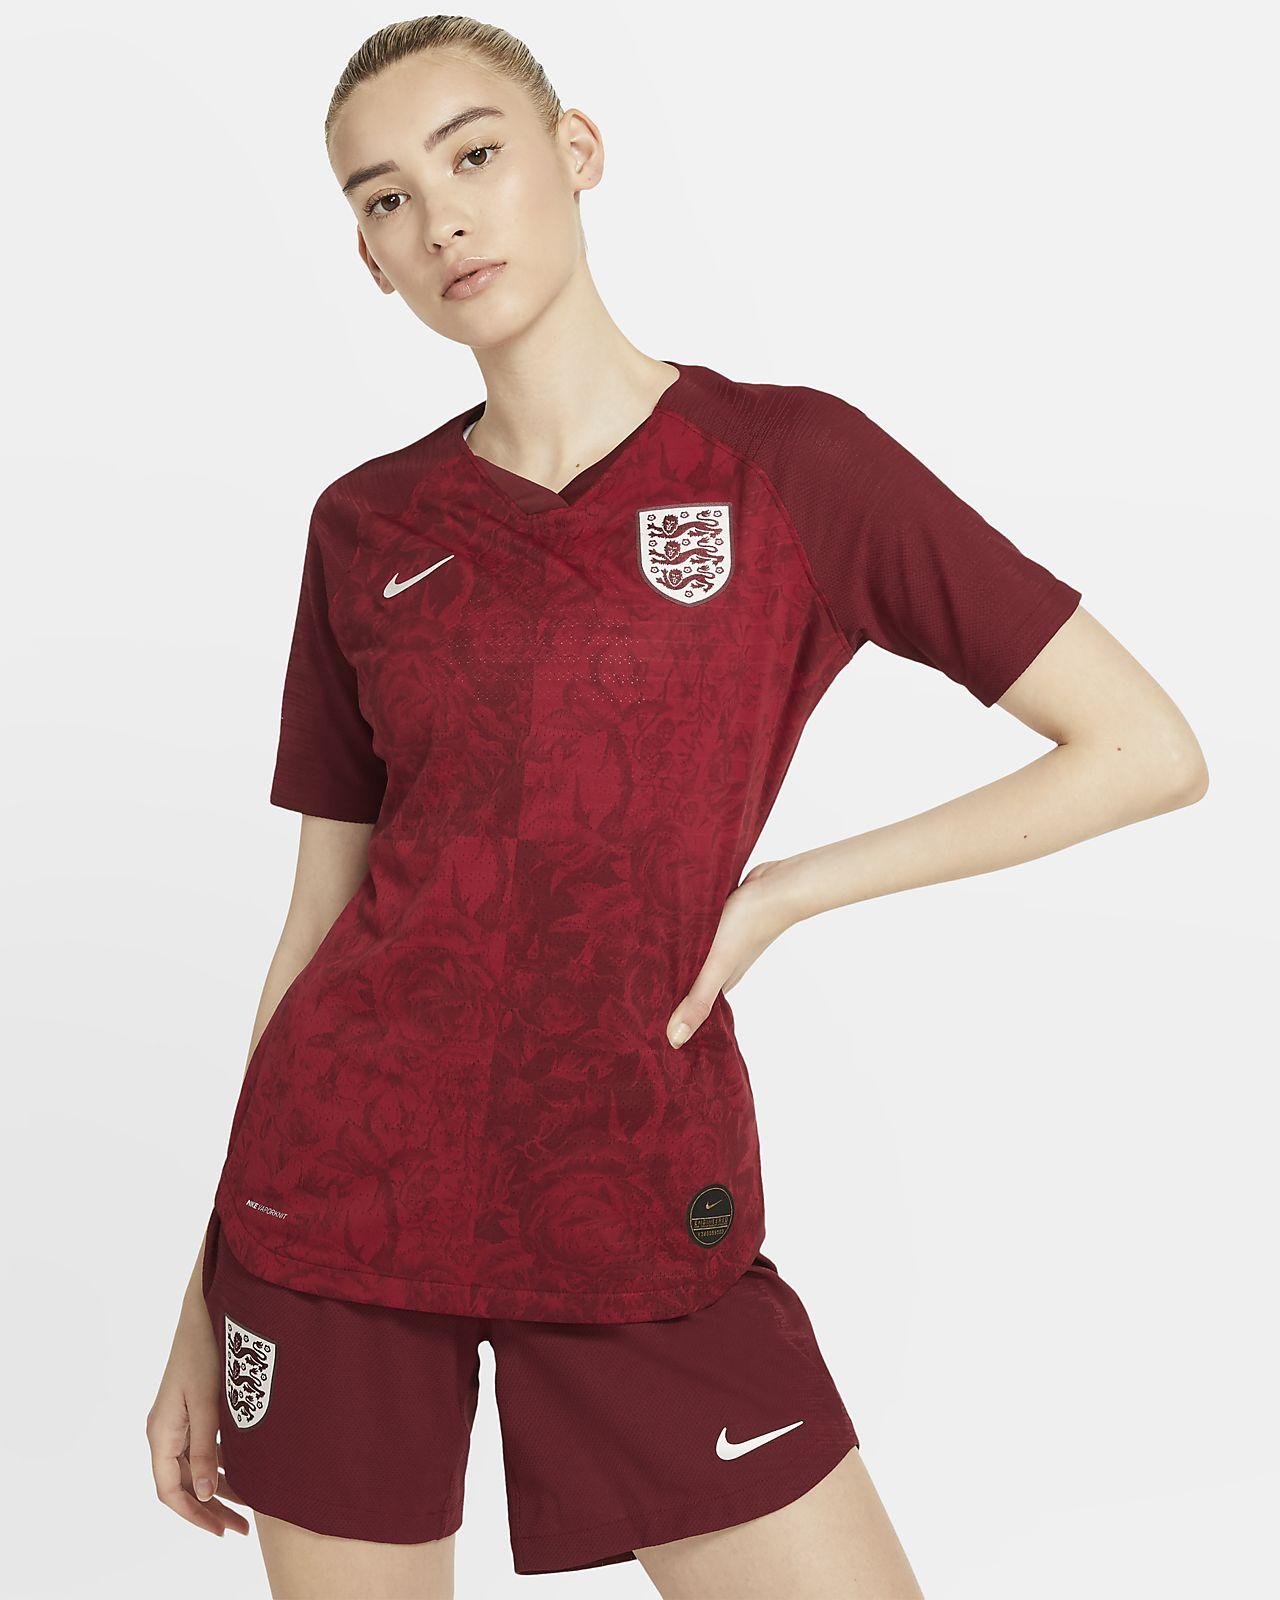 England 2019 Vapor Match Away Damen-Fußballtrikot